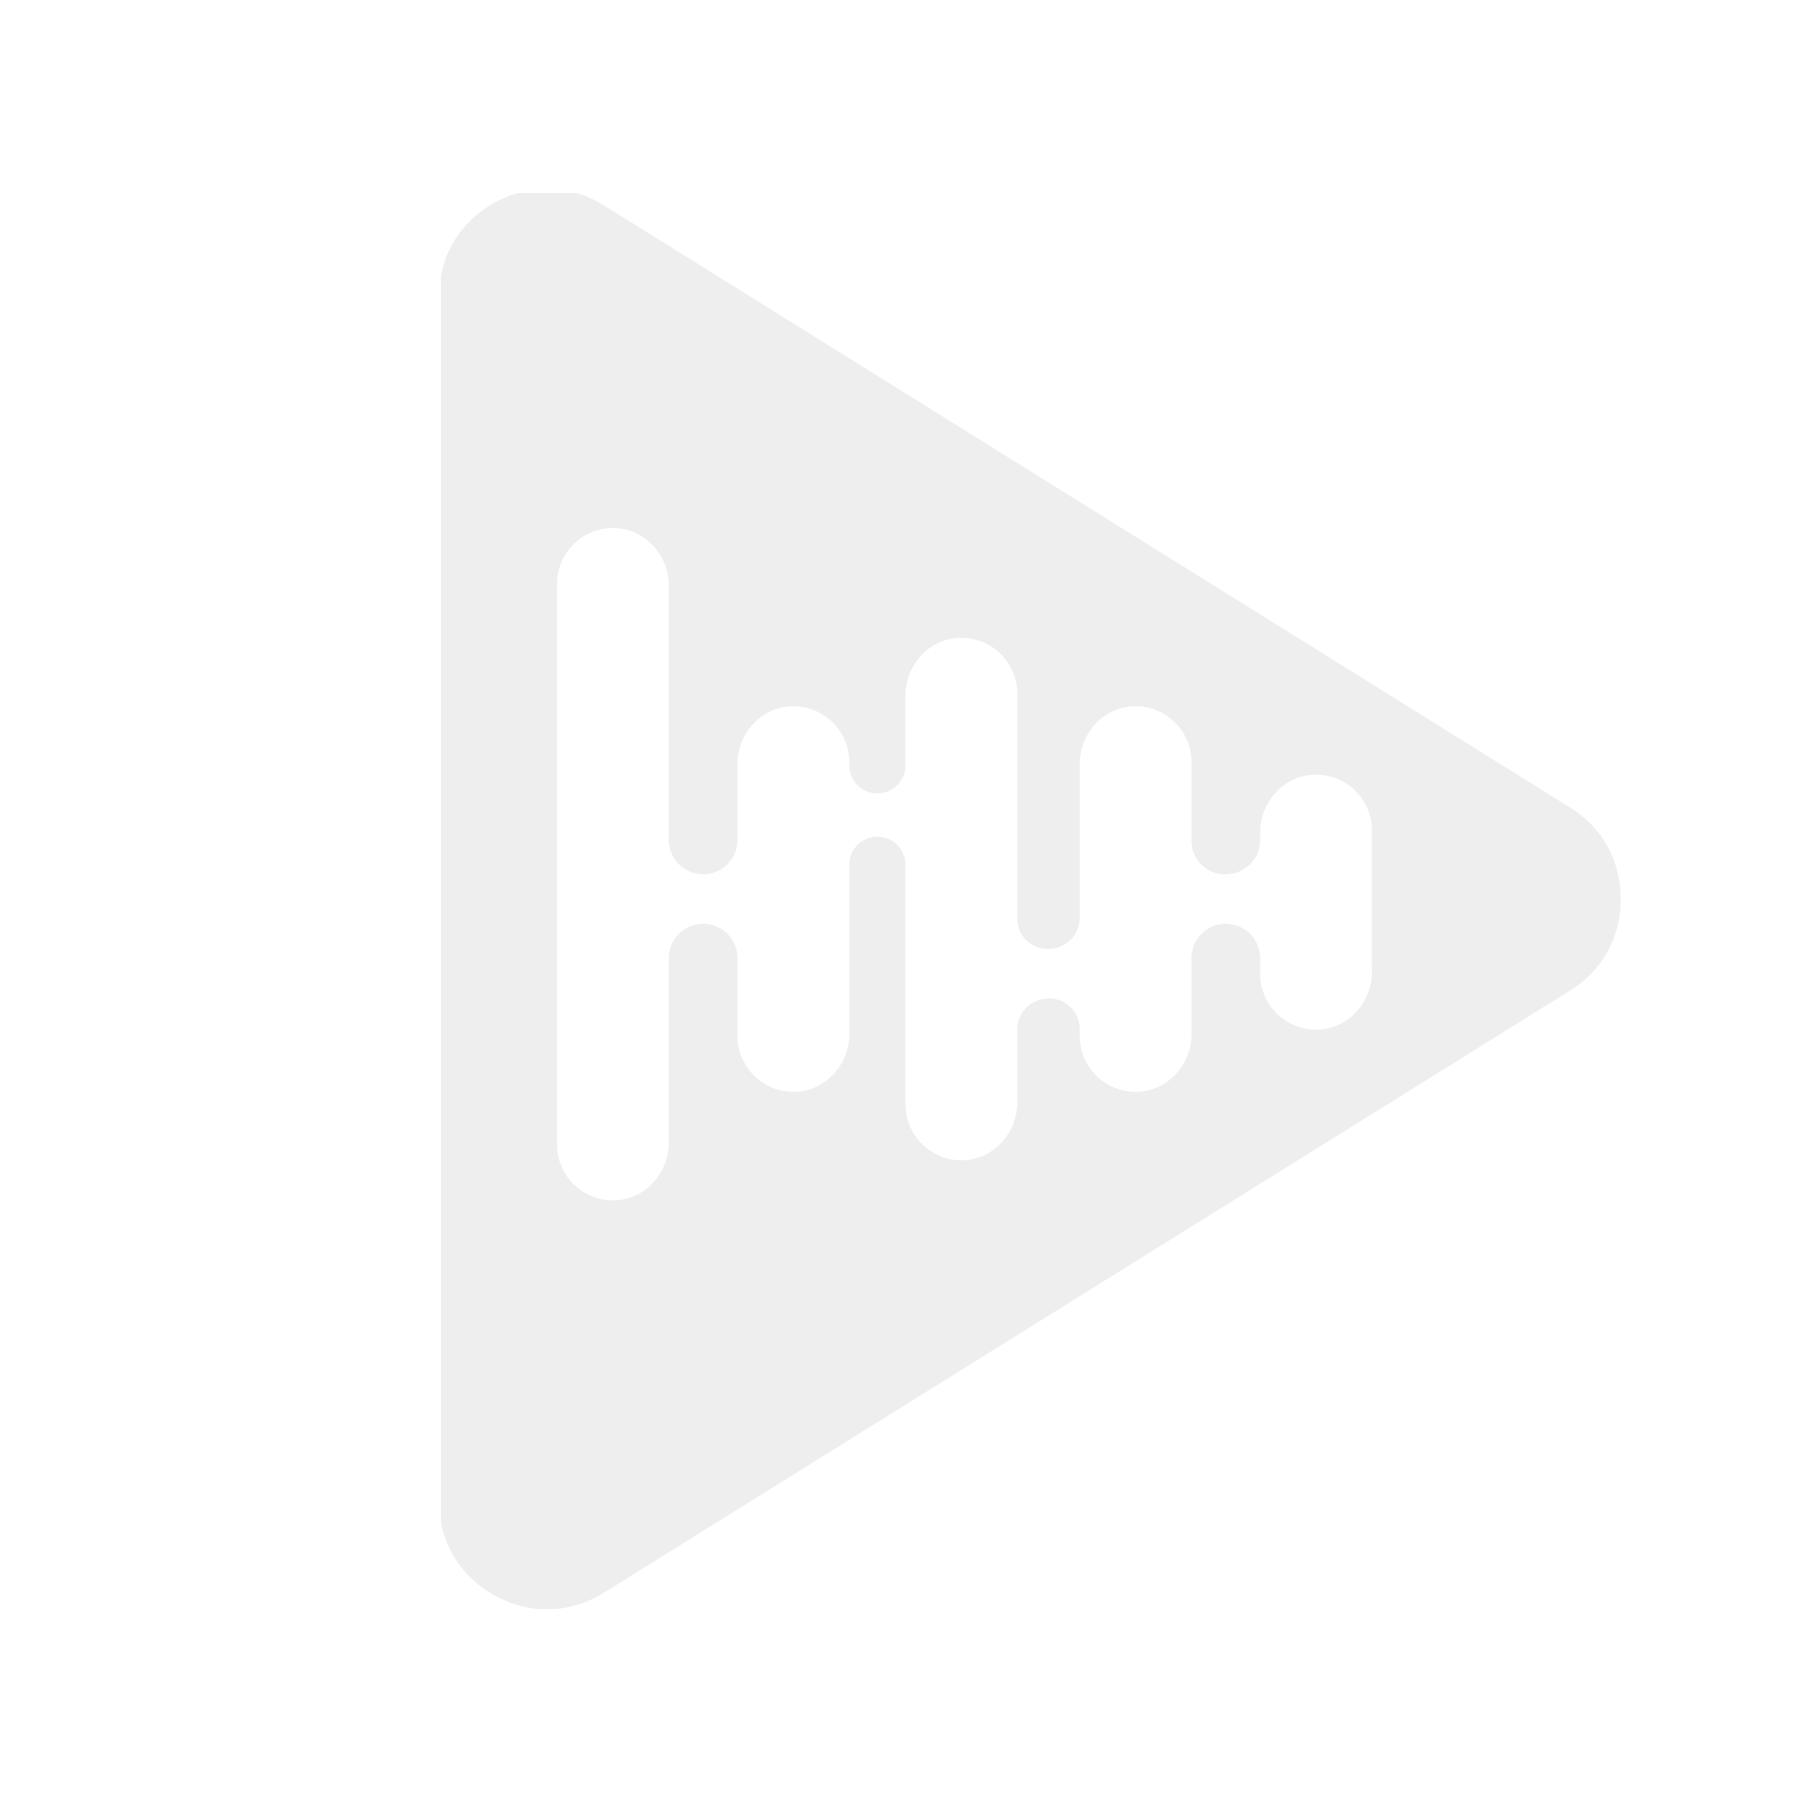 Metra AXADGM01 - Kabelsett til AXADBOX1/2 - GM ('06 >) m/LAN 29